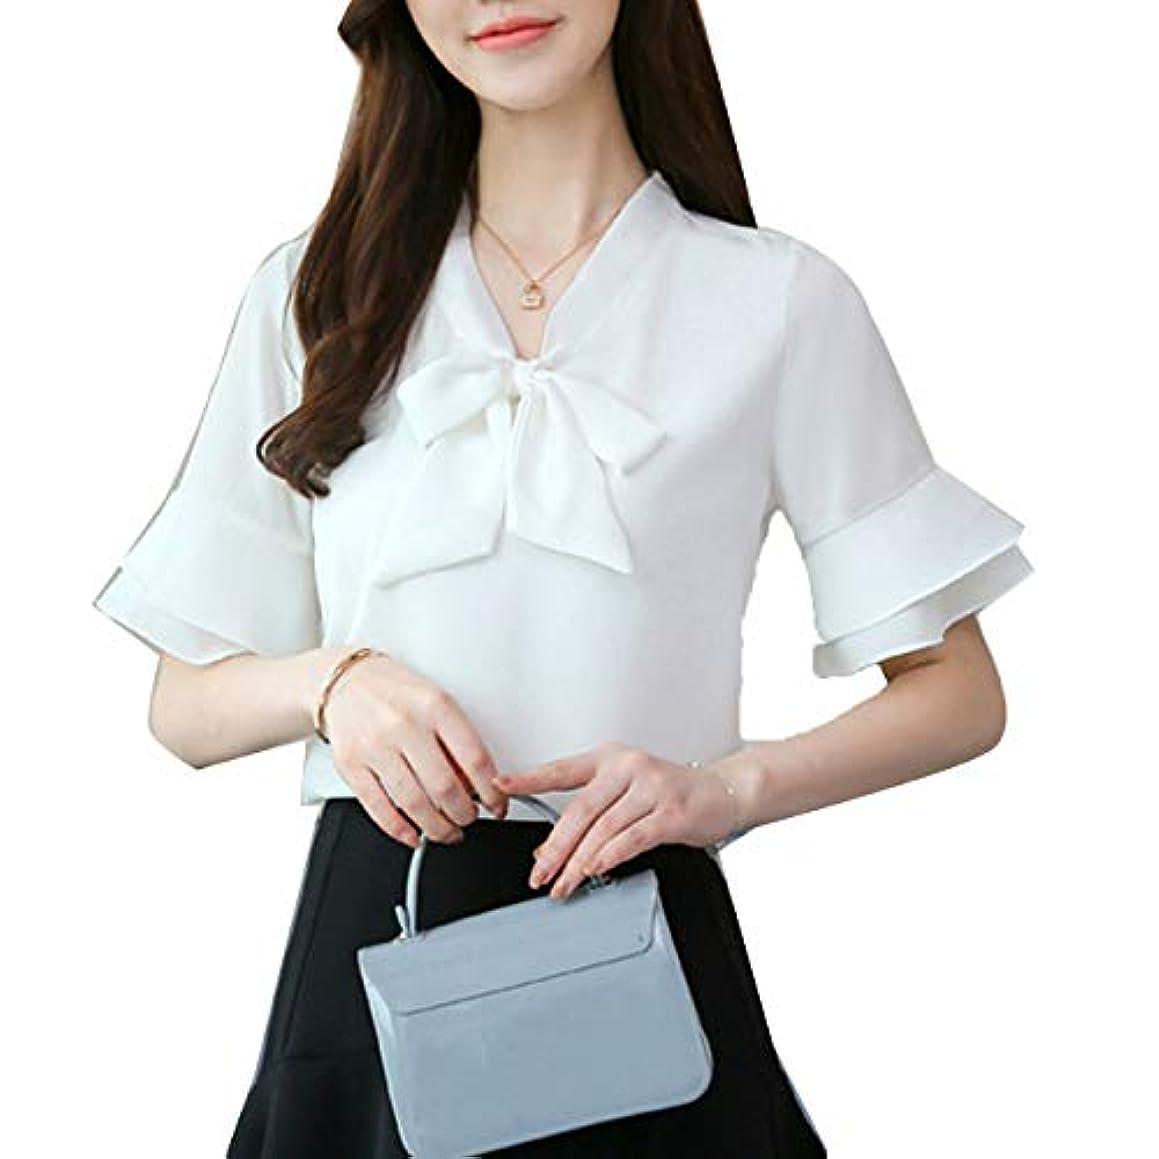 [ココチエ] ブラウス 半袖 とろみ リボン フリル袖 シンプル 無地 かわいい オフィス パステルカラー